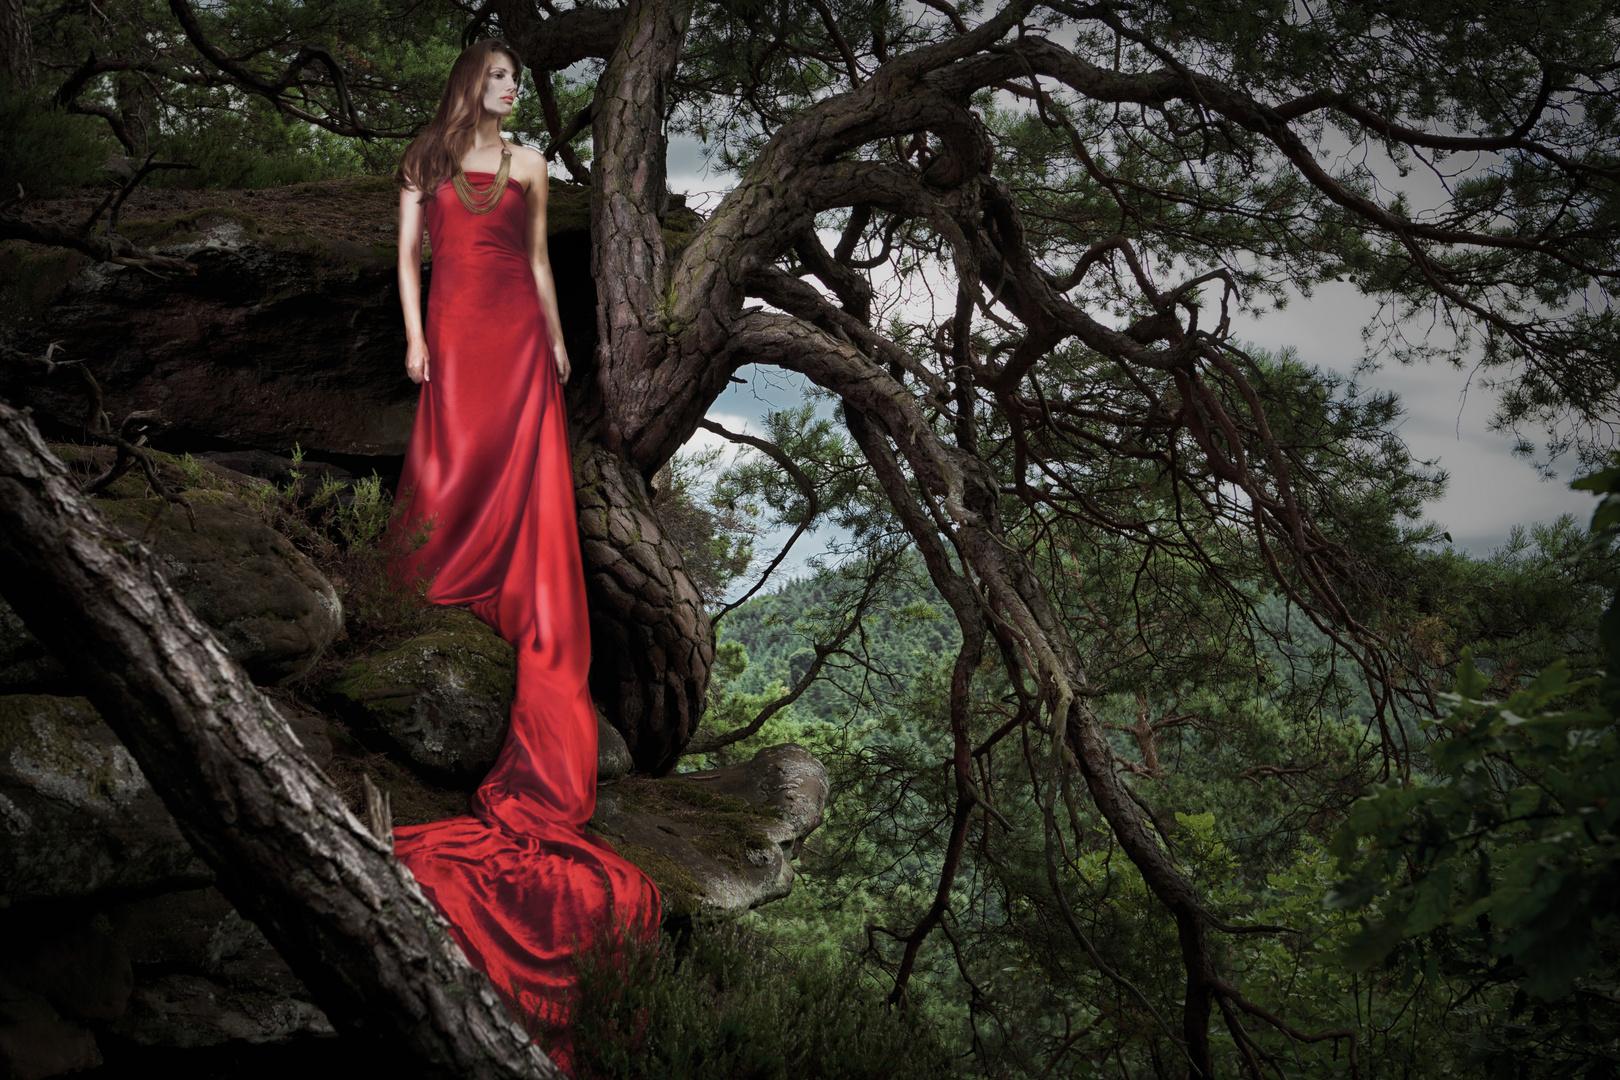 Queen of nature